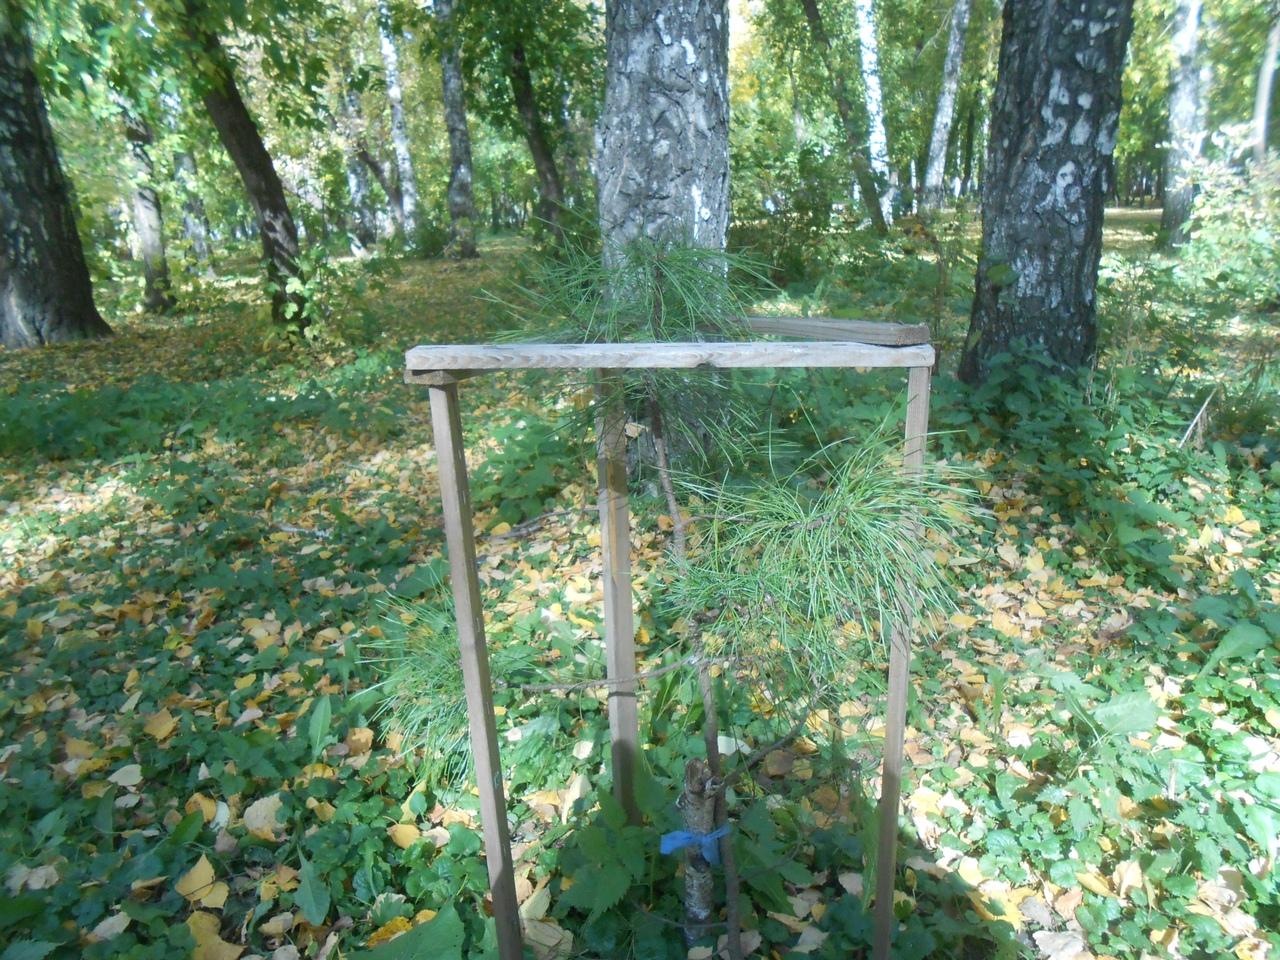 Вот такие оградки вокруг деревьев часто разрушают посетители парков, рассказала Марина